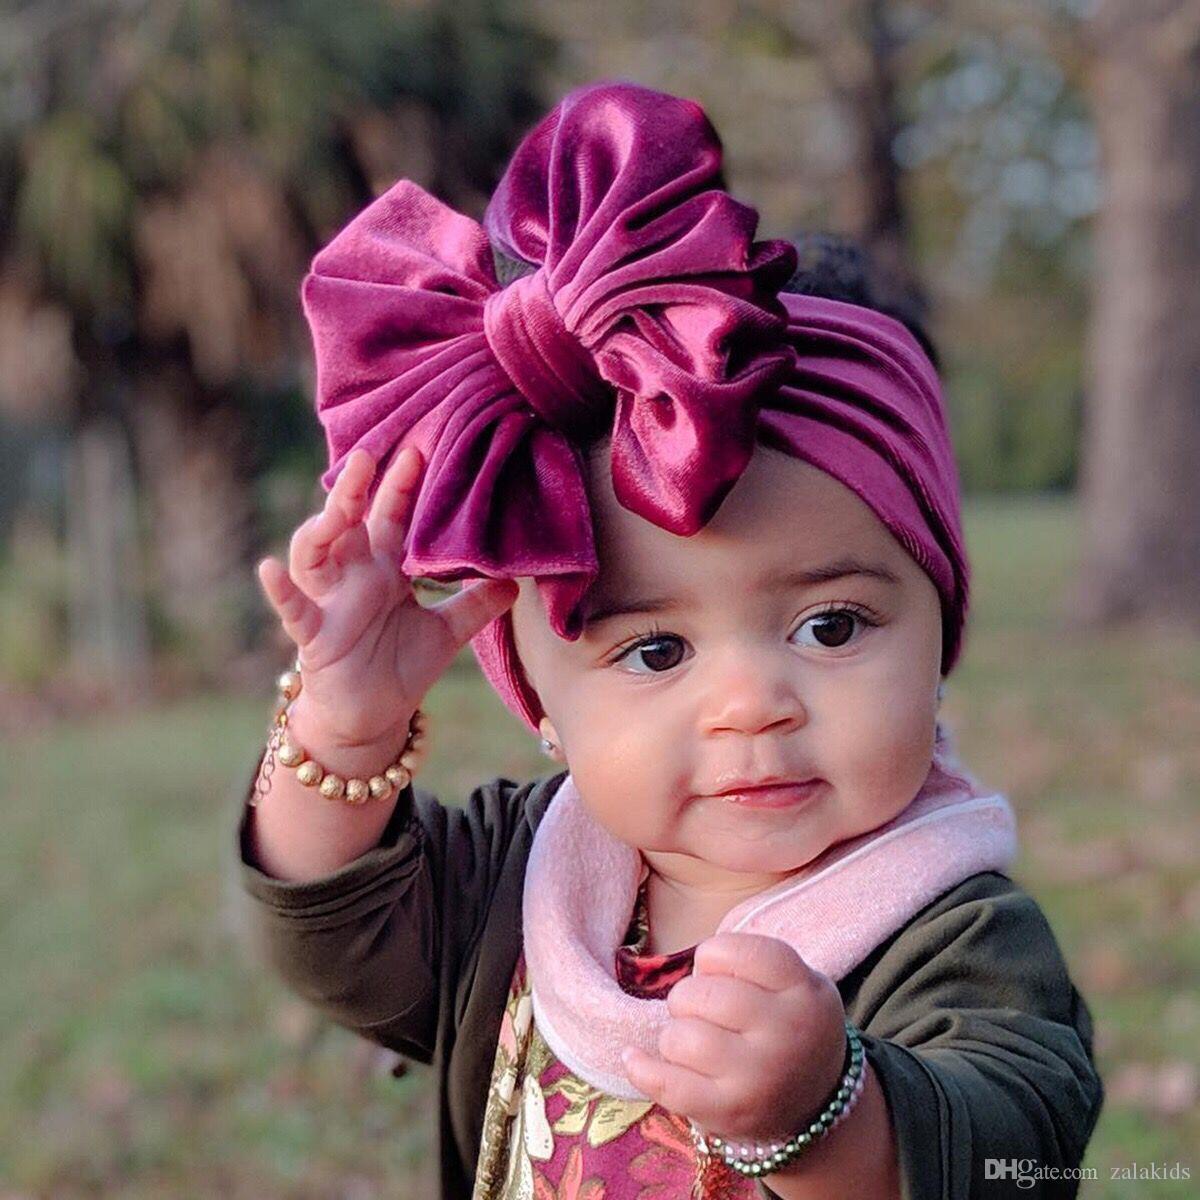 Kız bebekler Big Bow Baş bandı Turban Butik yay düğüm kadife Saç Bandı Düz renk Esnekliği Saç Aksesuarları moda Çocuk Saç Bow